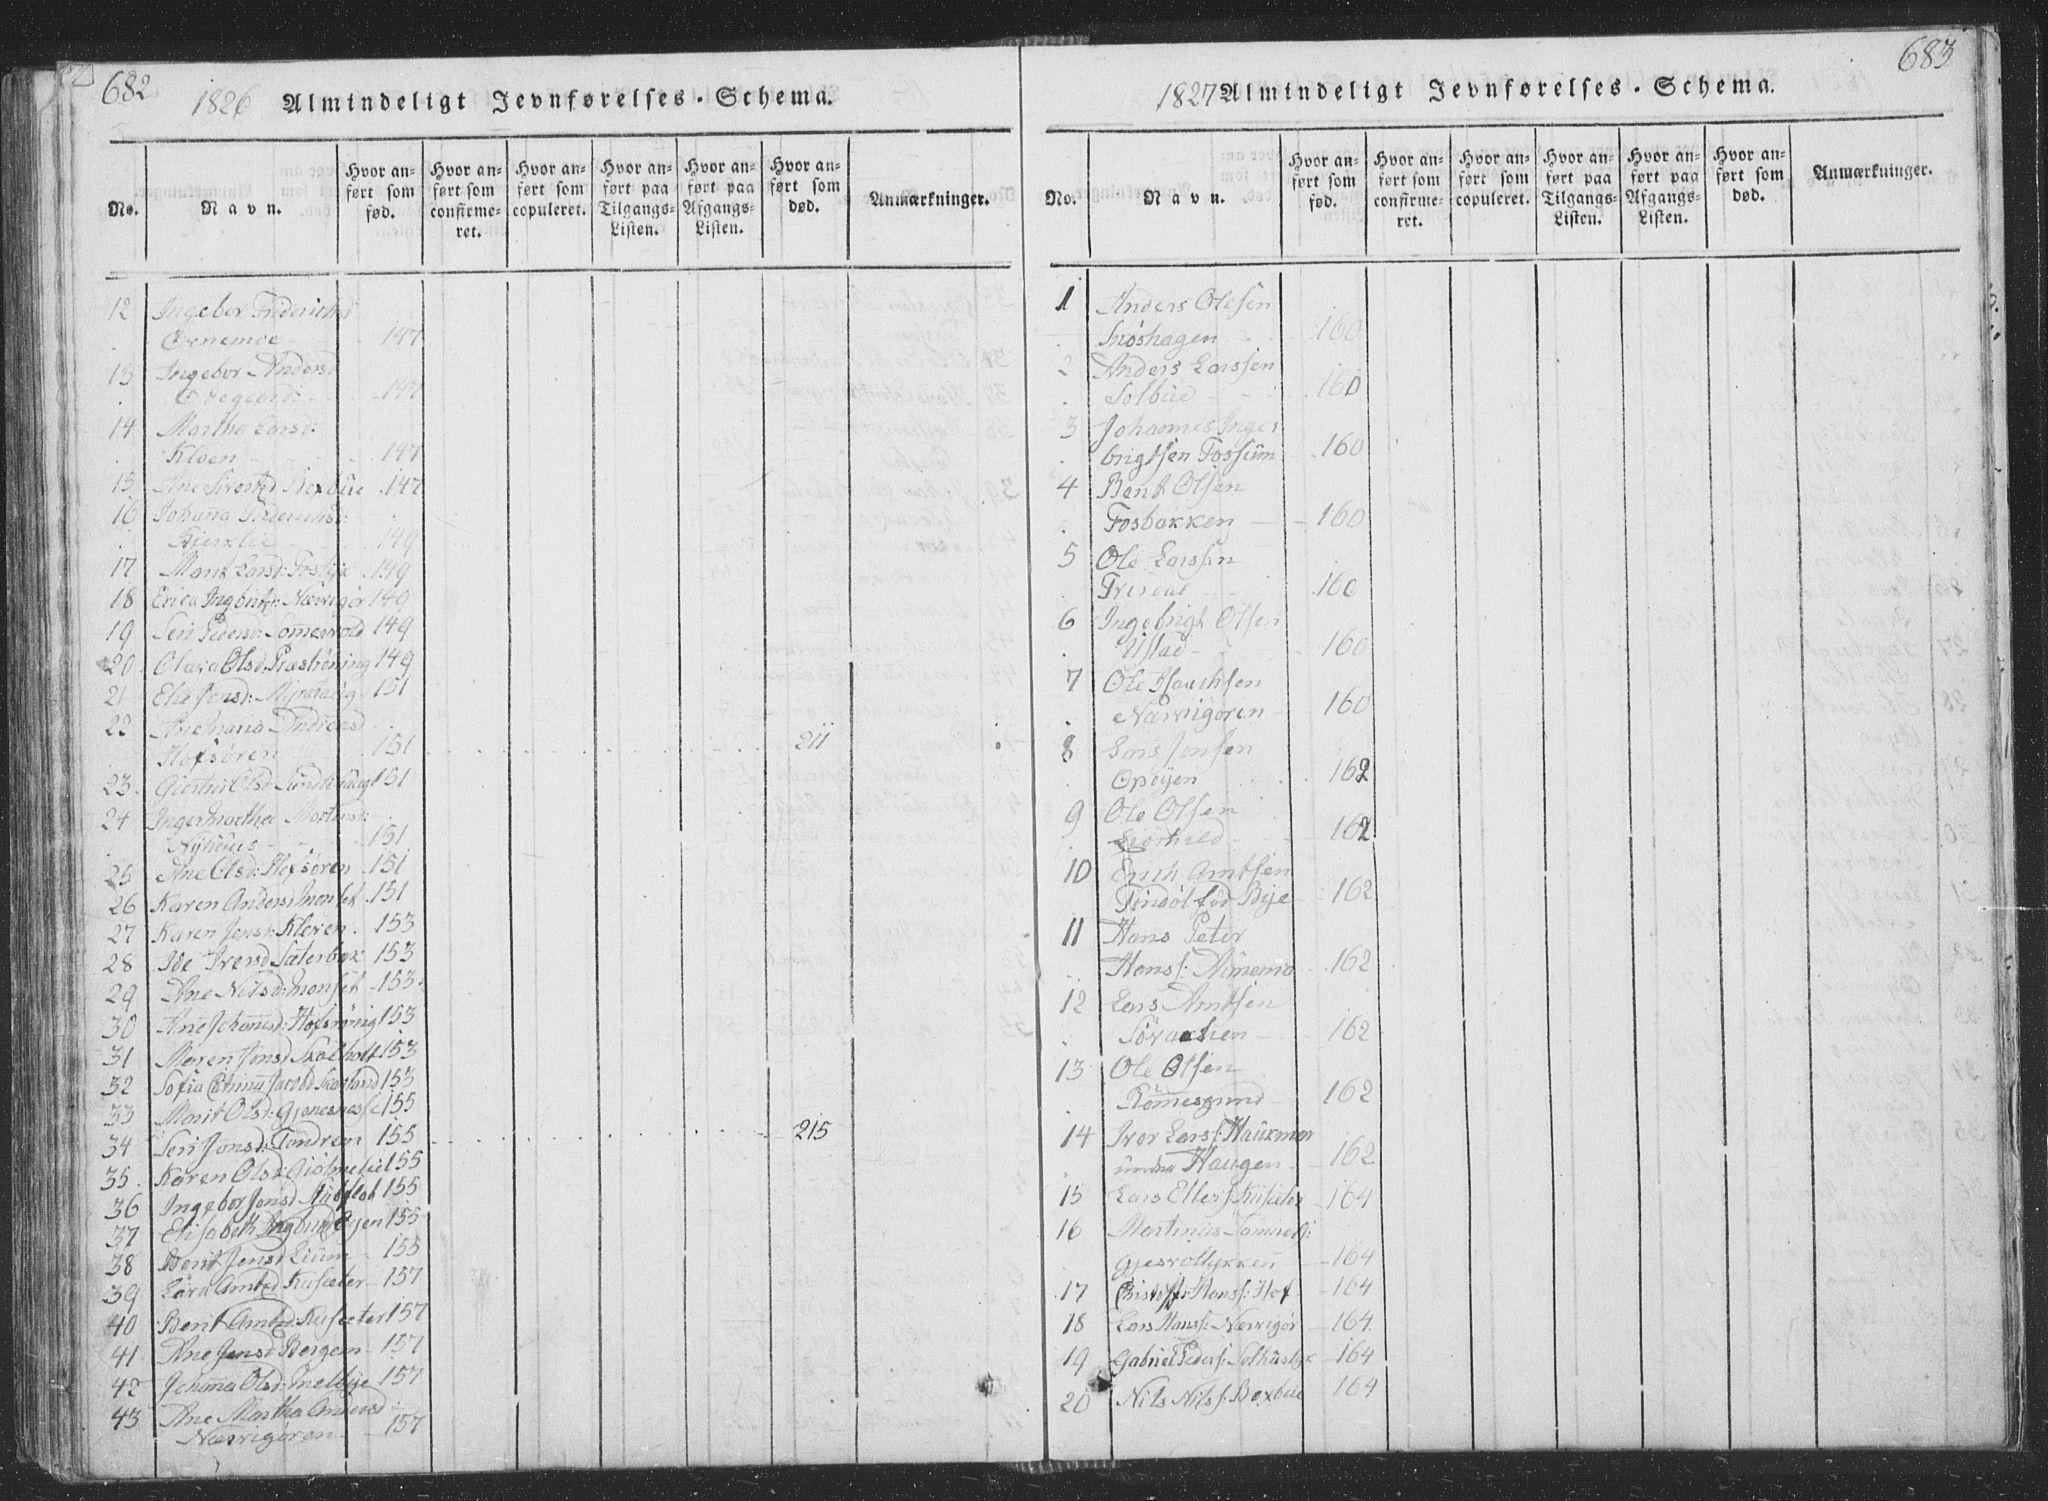 SAT, Ministerialprotokoller, klokkerbøker og fødselsregistre - Sør-Trøndelag, 668/L0816: Klokkerbok nr. 668C05, 1816-1893, s. 682-683